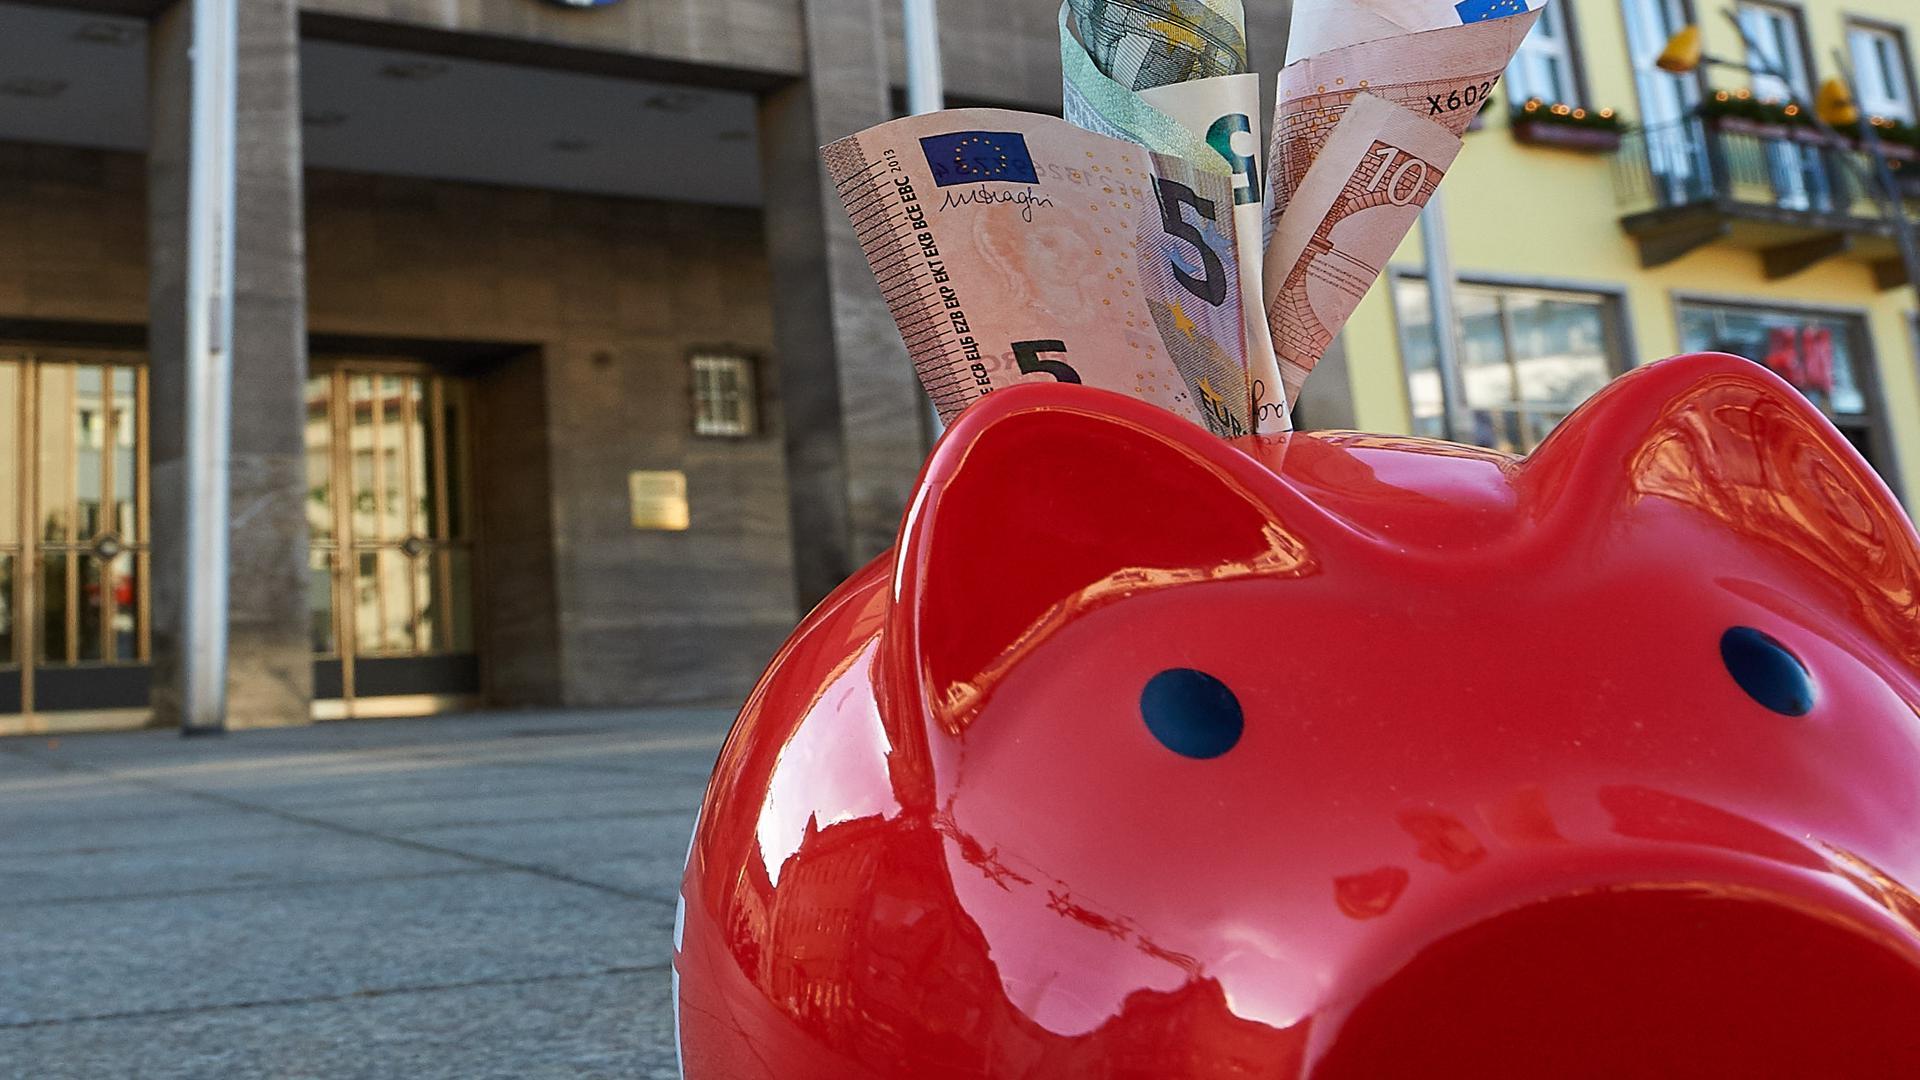 Das Sparschwein ist out: Bruchsal sucht nach Möglichkeiten der Geldanlagen, die sicher sind und Rendite bringen. In Zeiten von Strafzinsen aber gar nicht so einfach.